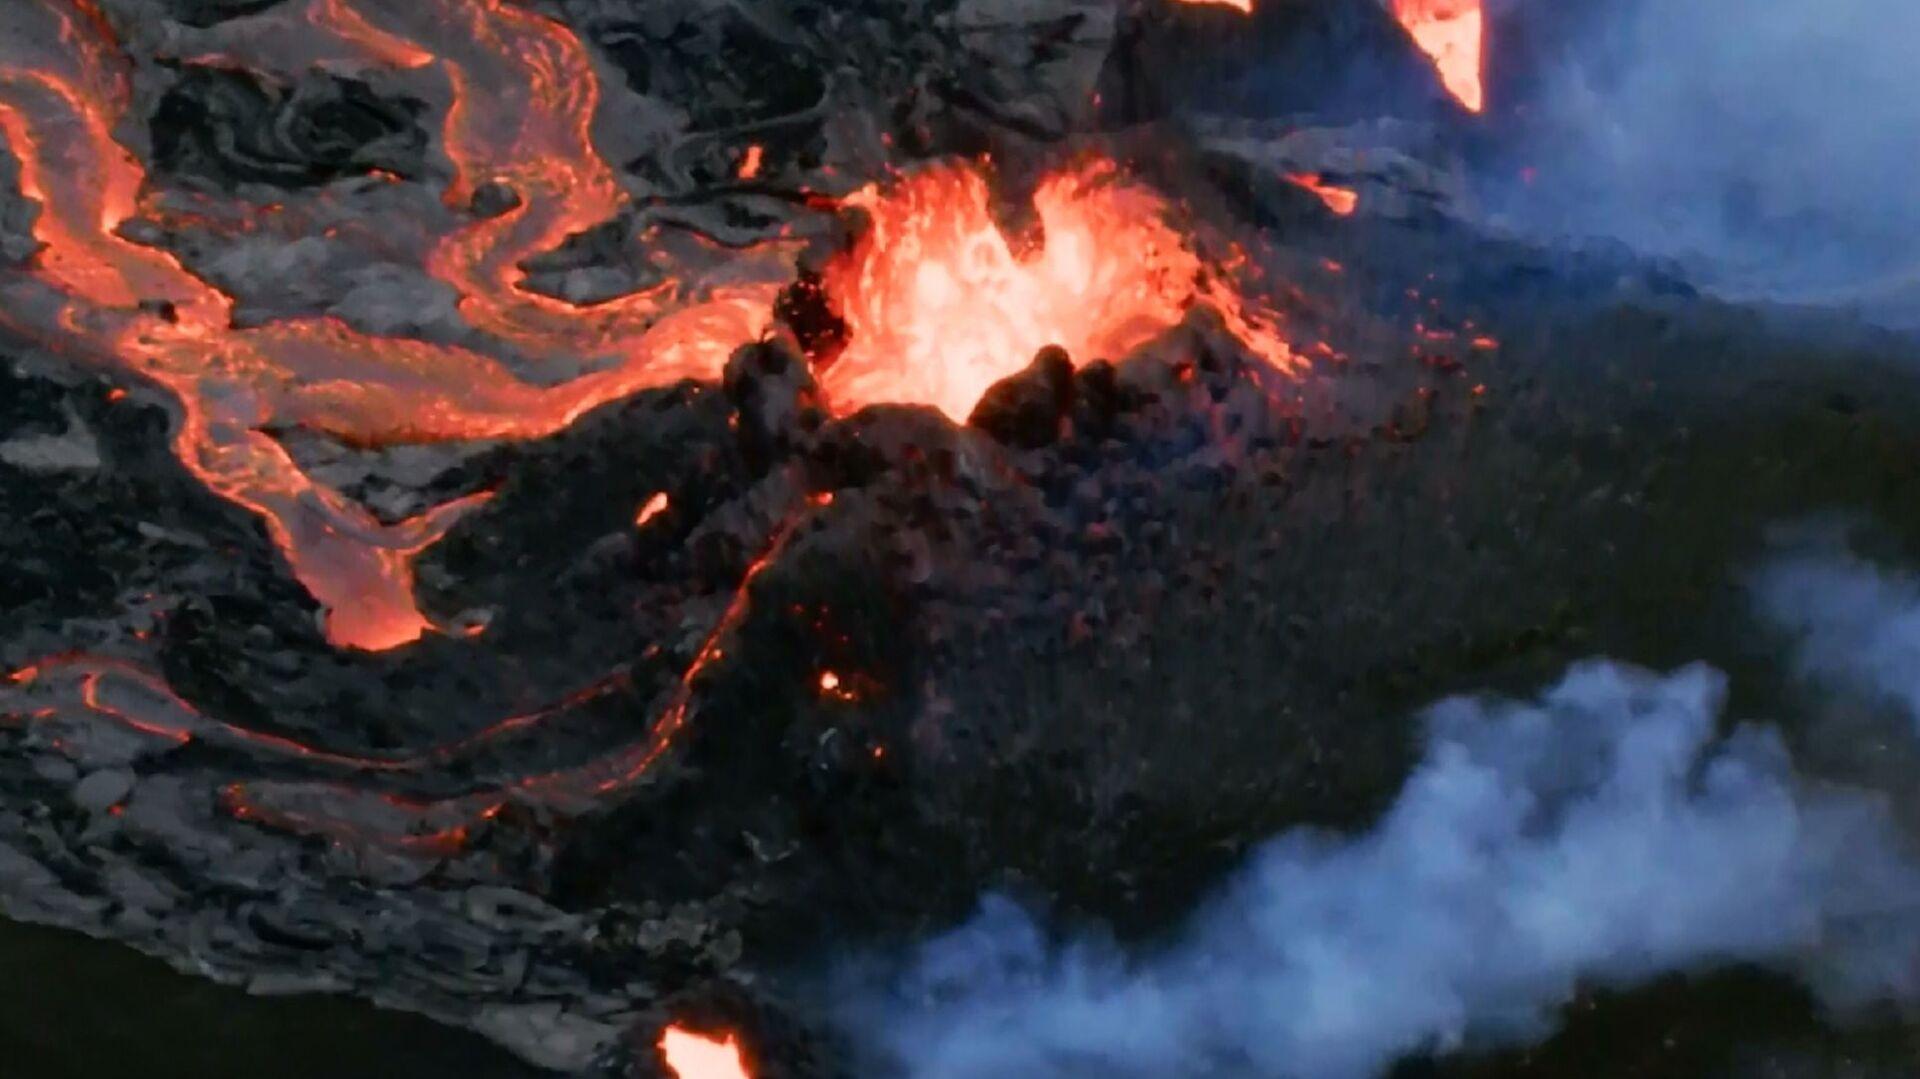 Islanda: i fiumi di lava intorno al vulcano della penisola di Reykjanes riprese con drone - Sputnik Italia, 1920, 16.05.2021